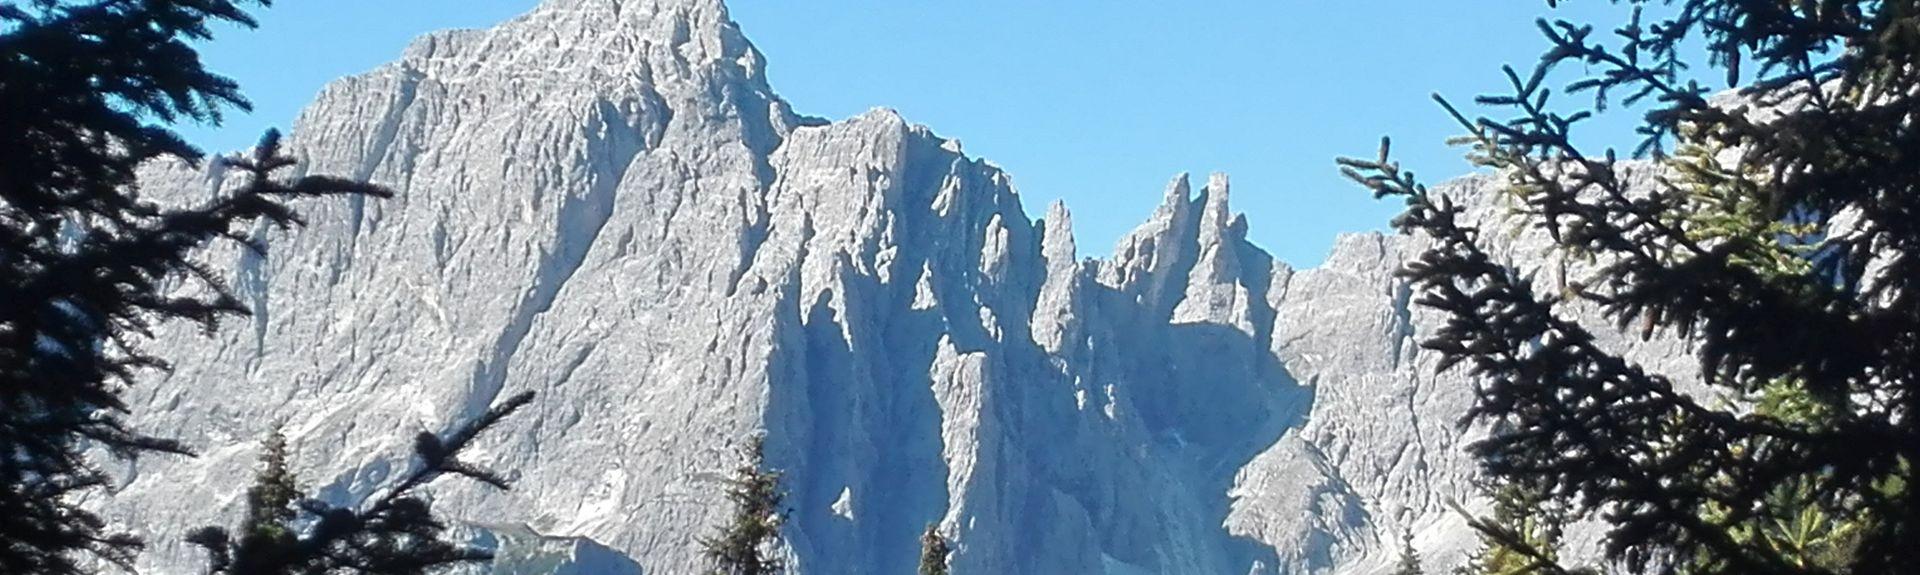 Sexten, Trentino-Südtirol, Italien